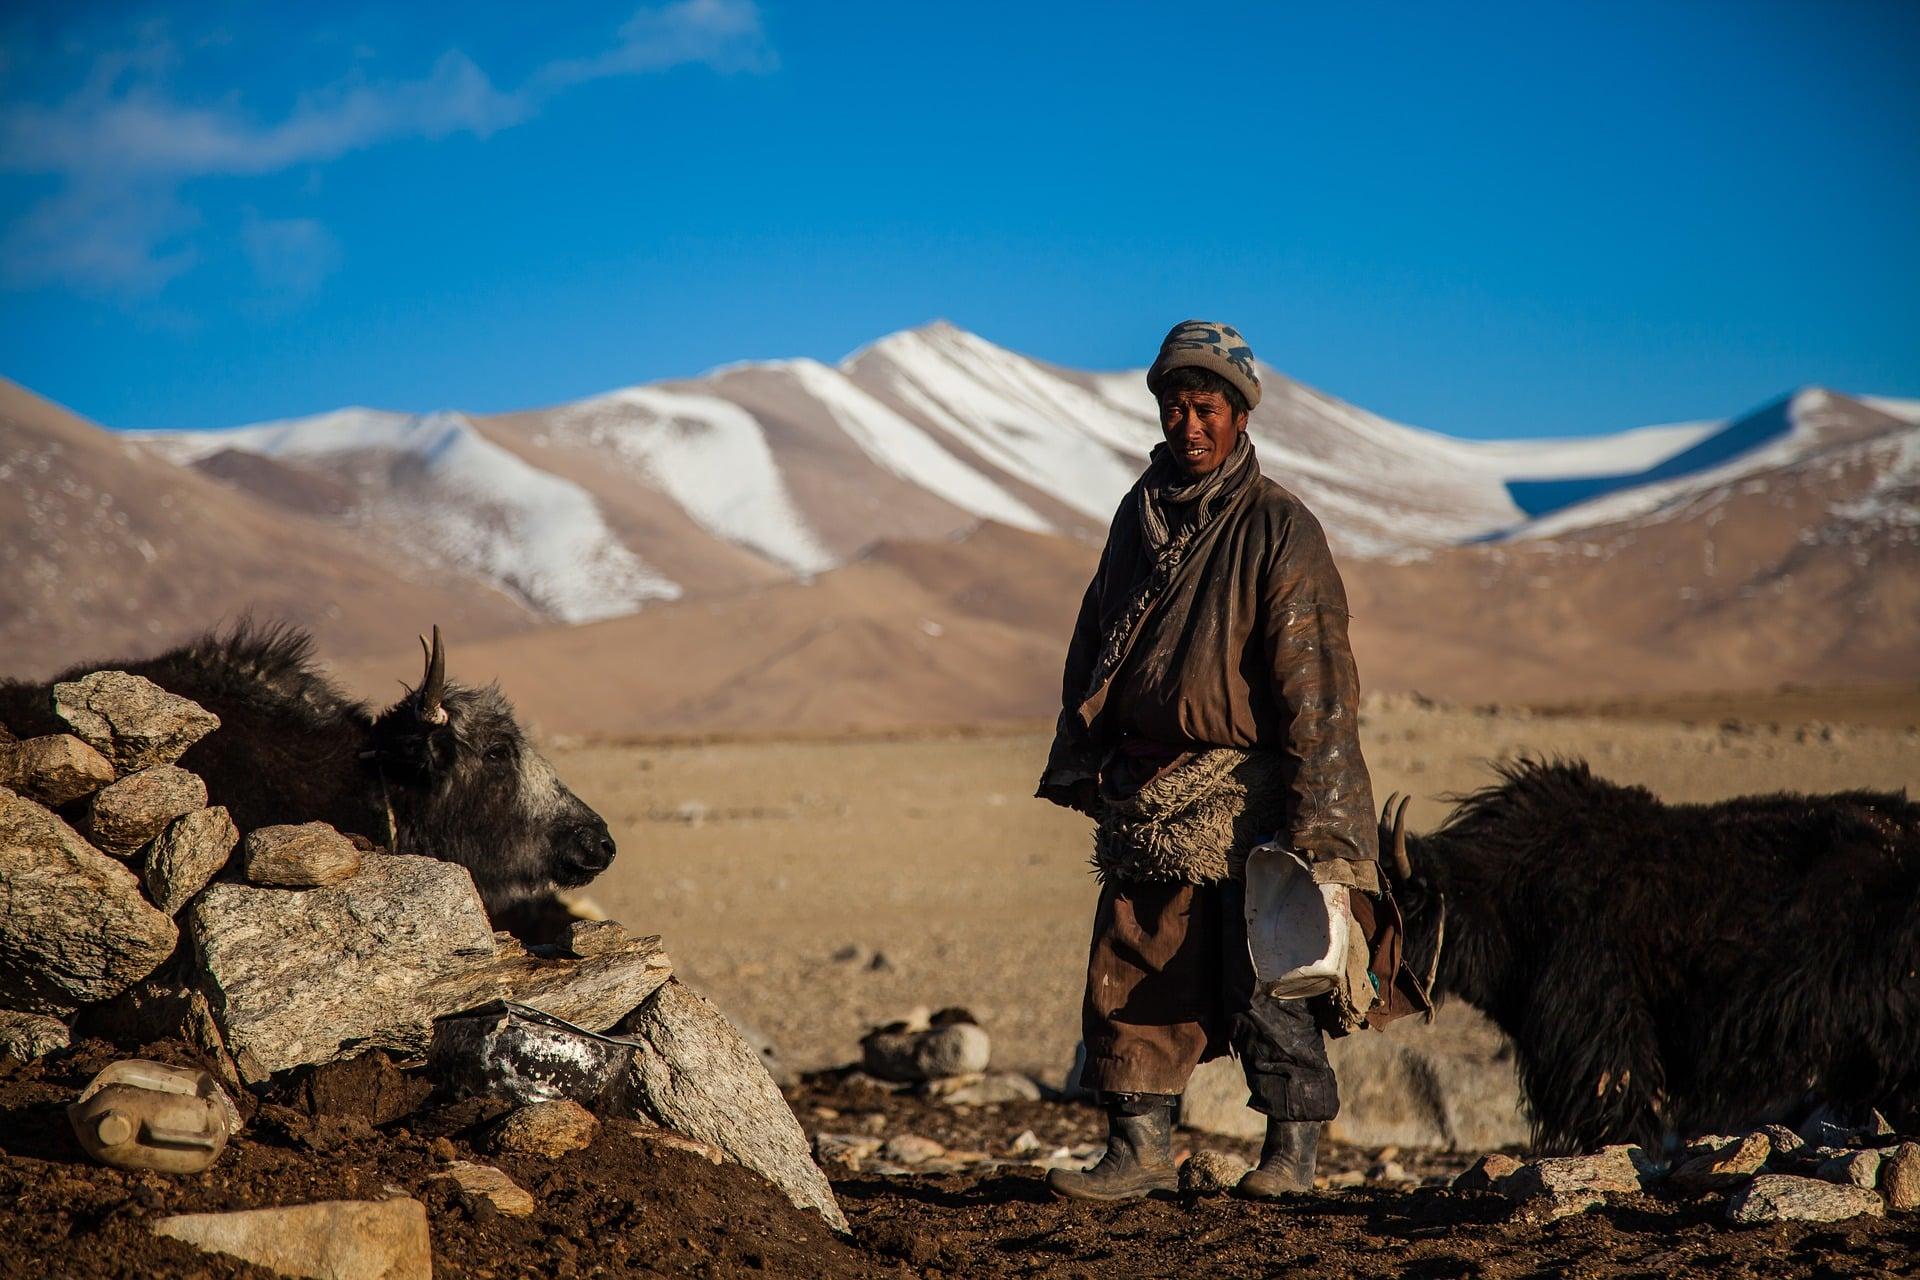 Mongolia nomad with yaks